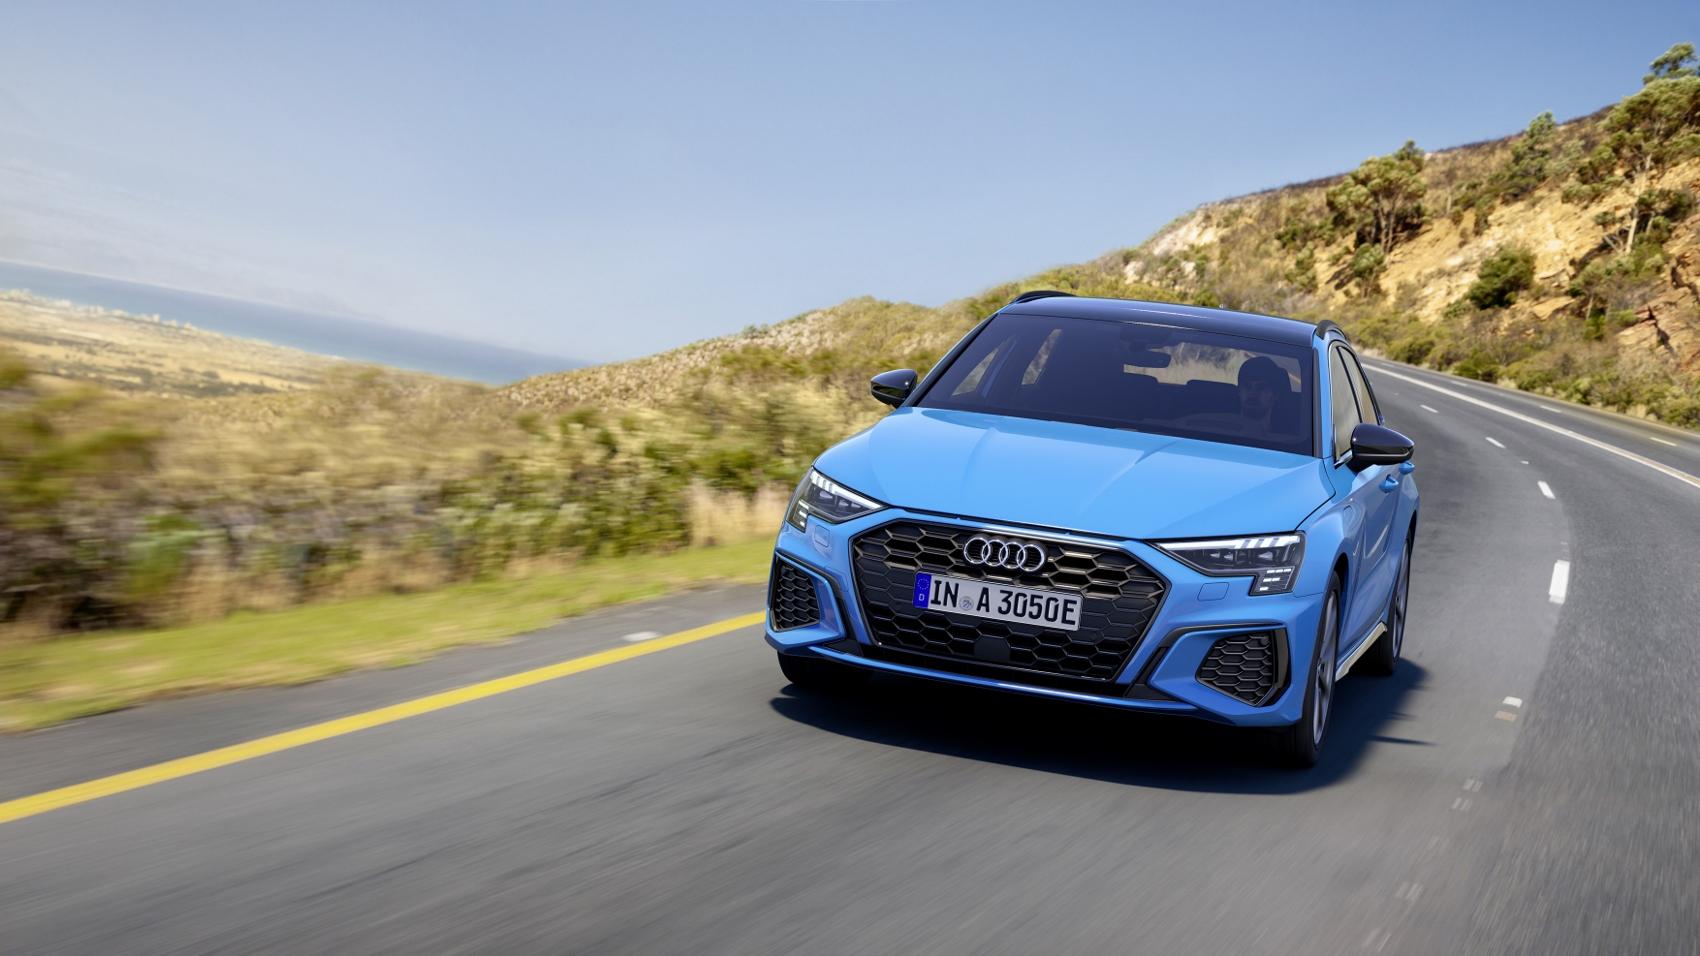 Audi A3 Sportback prichádza ako plug in hybrid s elektrickým dojazdom 67 km